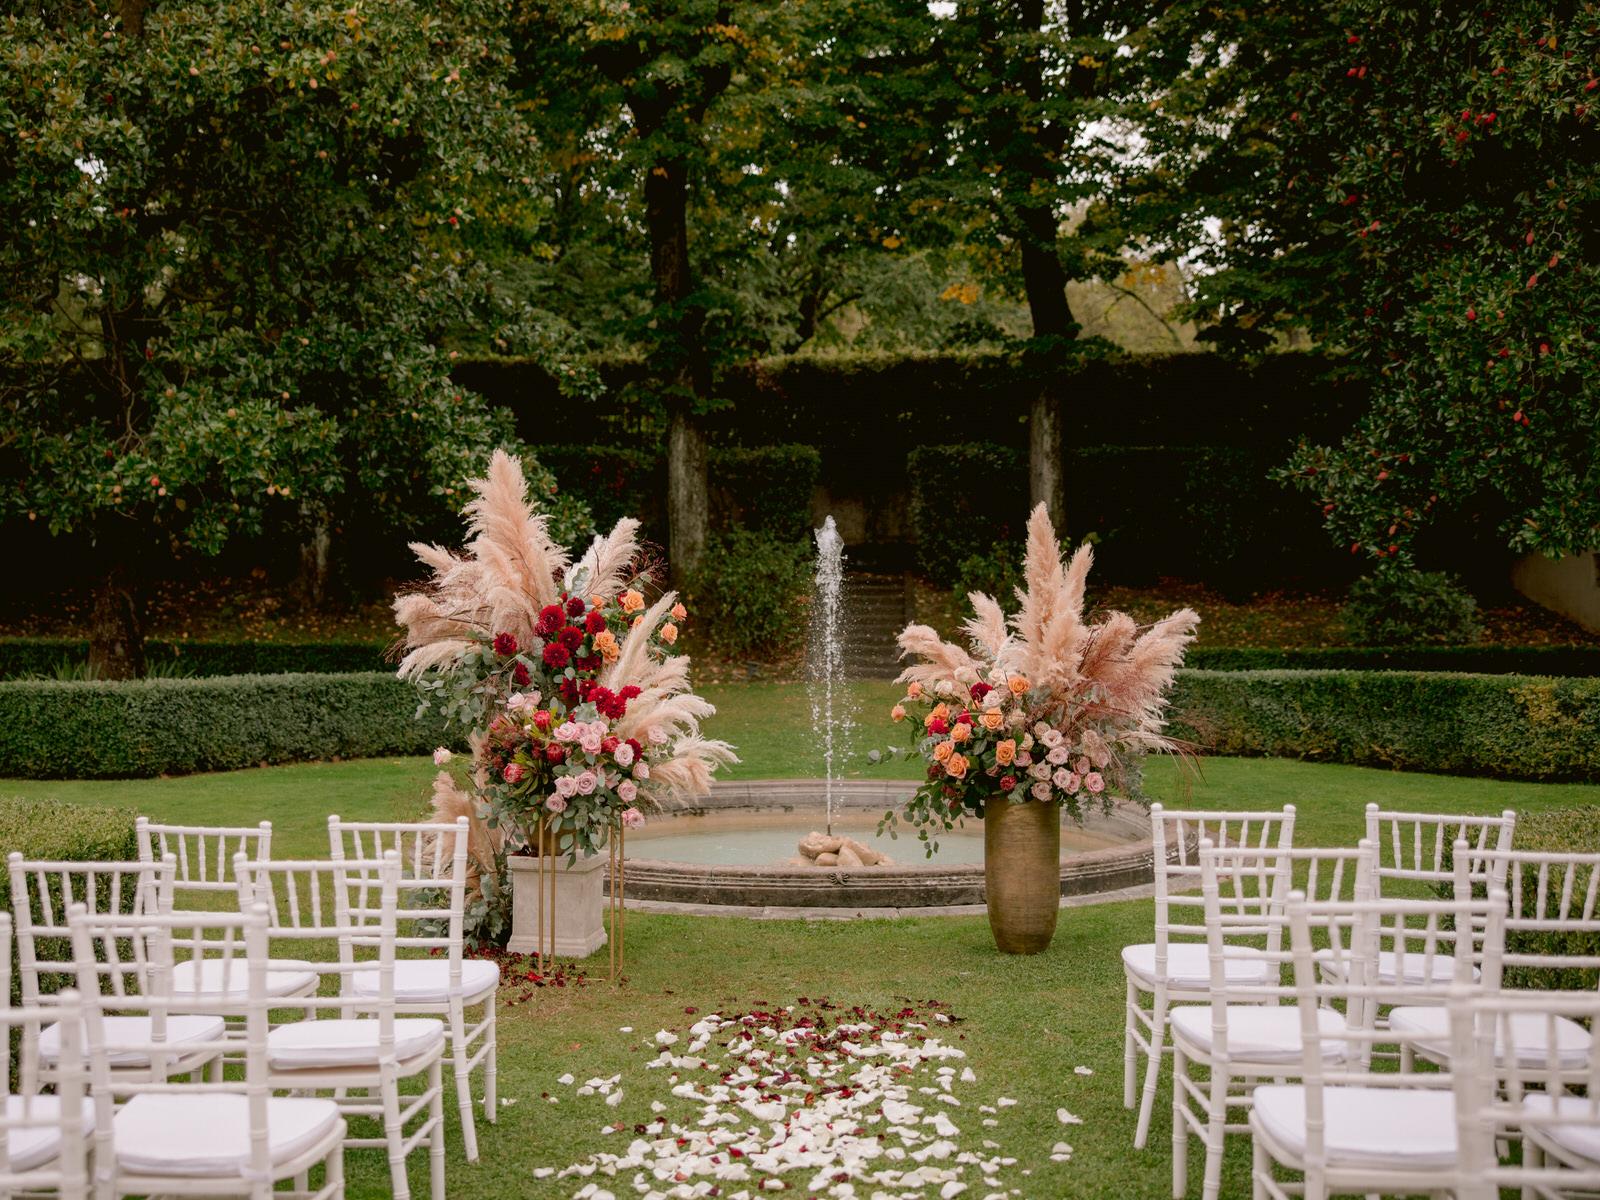 191009_Kersey_Moseley_Wedding_Villa_La_Vedetta-324